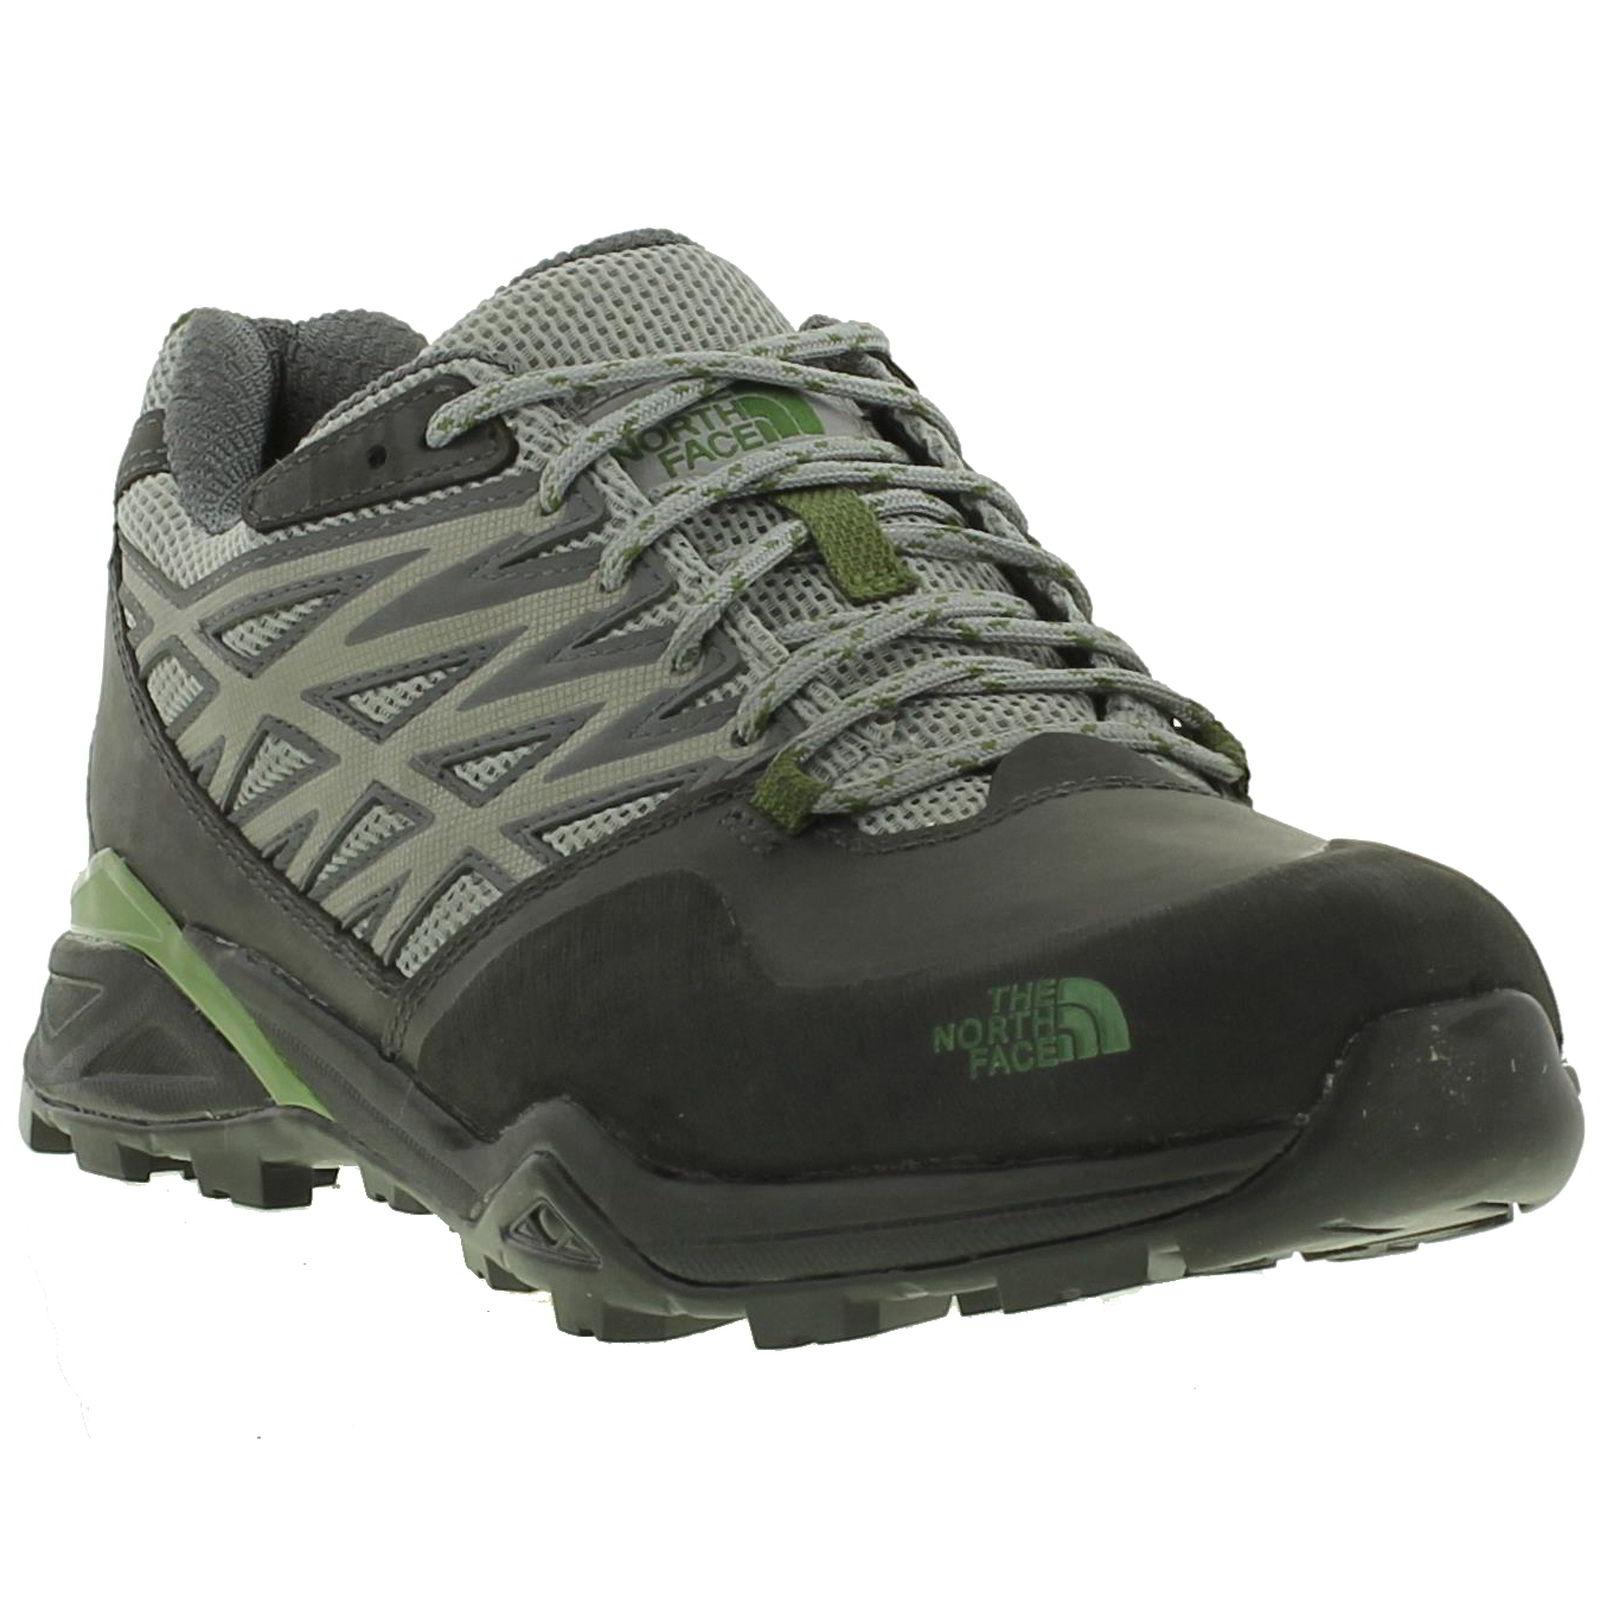 North Face Hedgehog Hike Gtx Goretex Mens Waterproof Walking Shoe